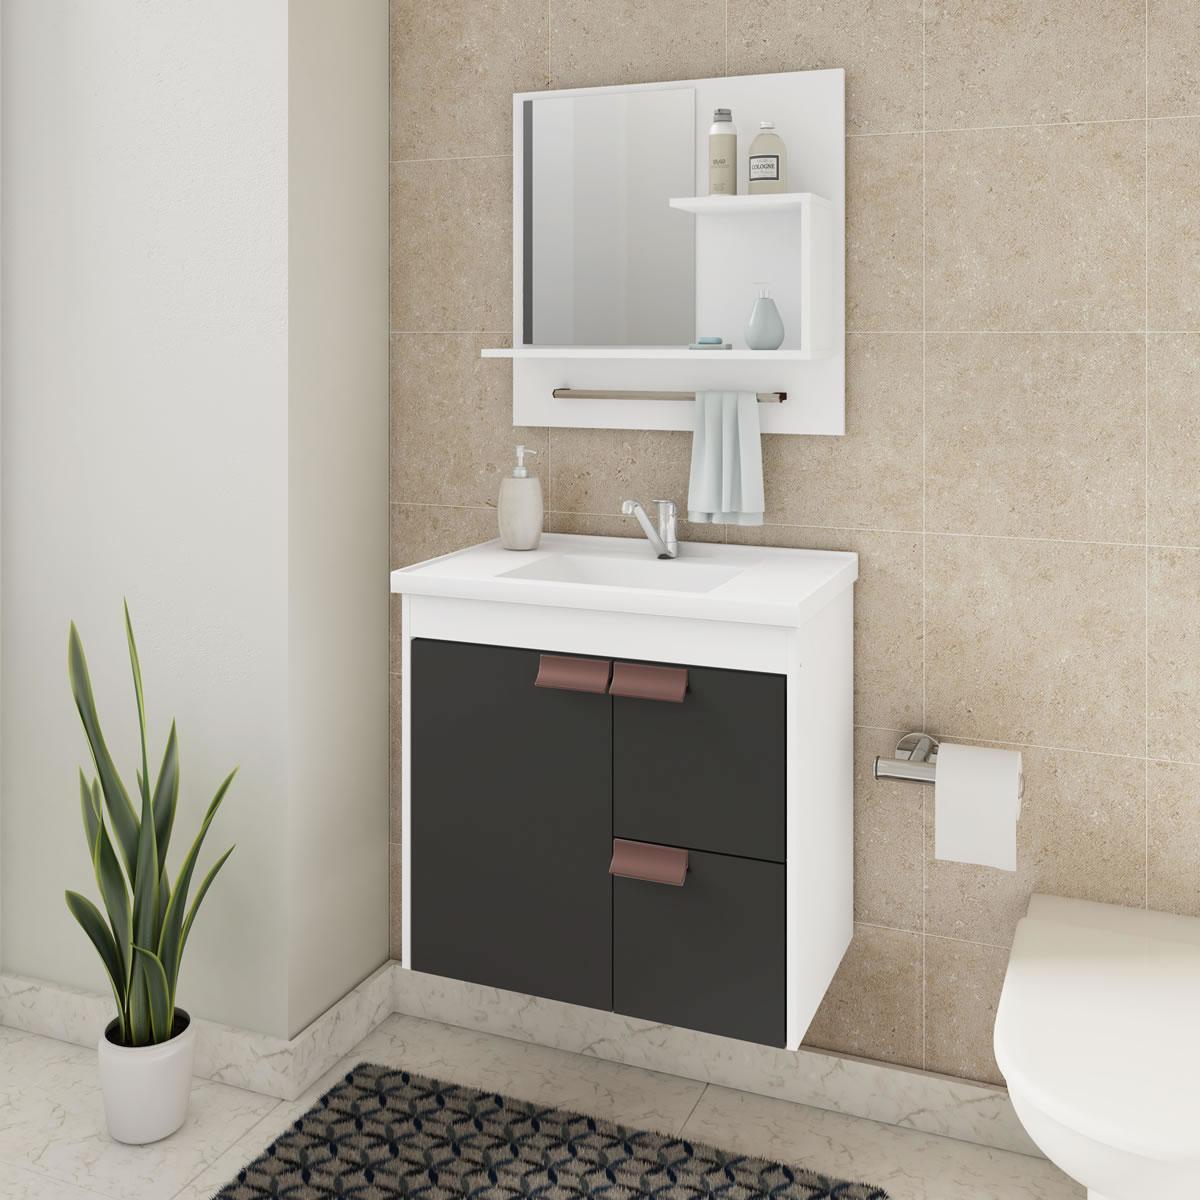 Gabinete De Banheiro 100% Mdf Tulipa 59 Cm Com Espelho Branco/Preto - Mgm